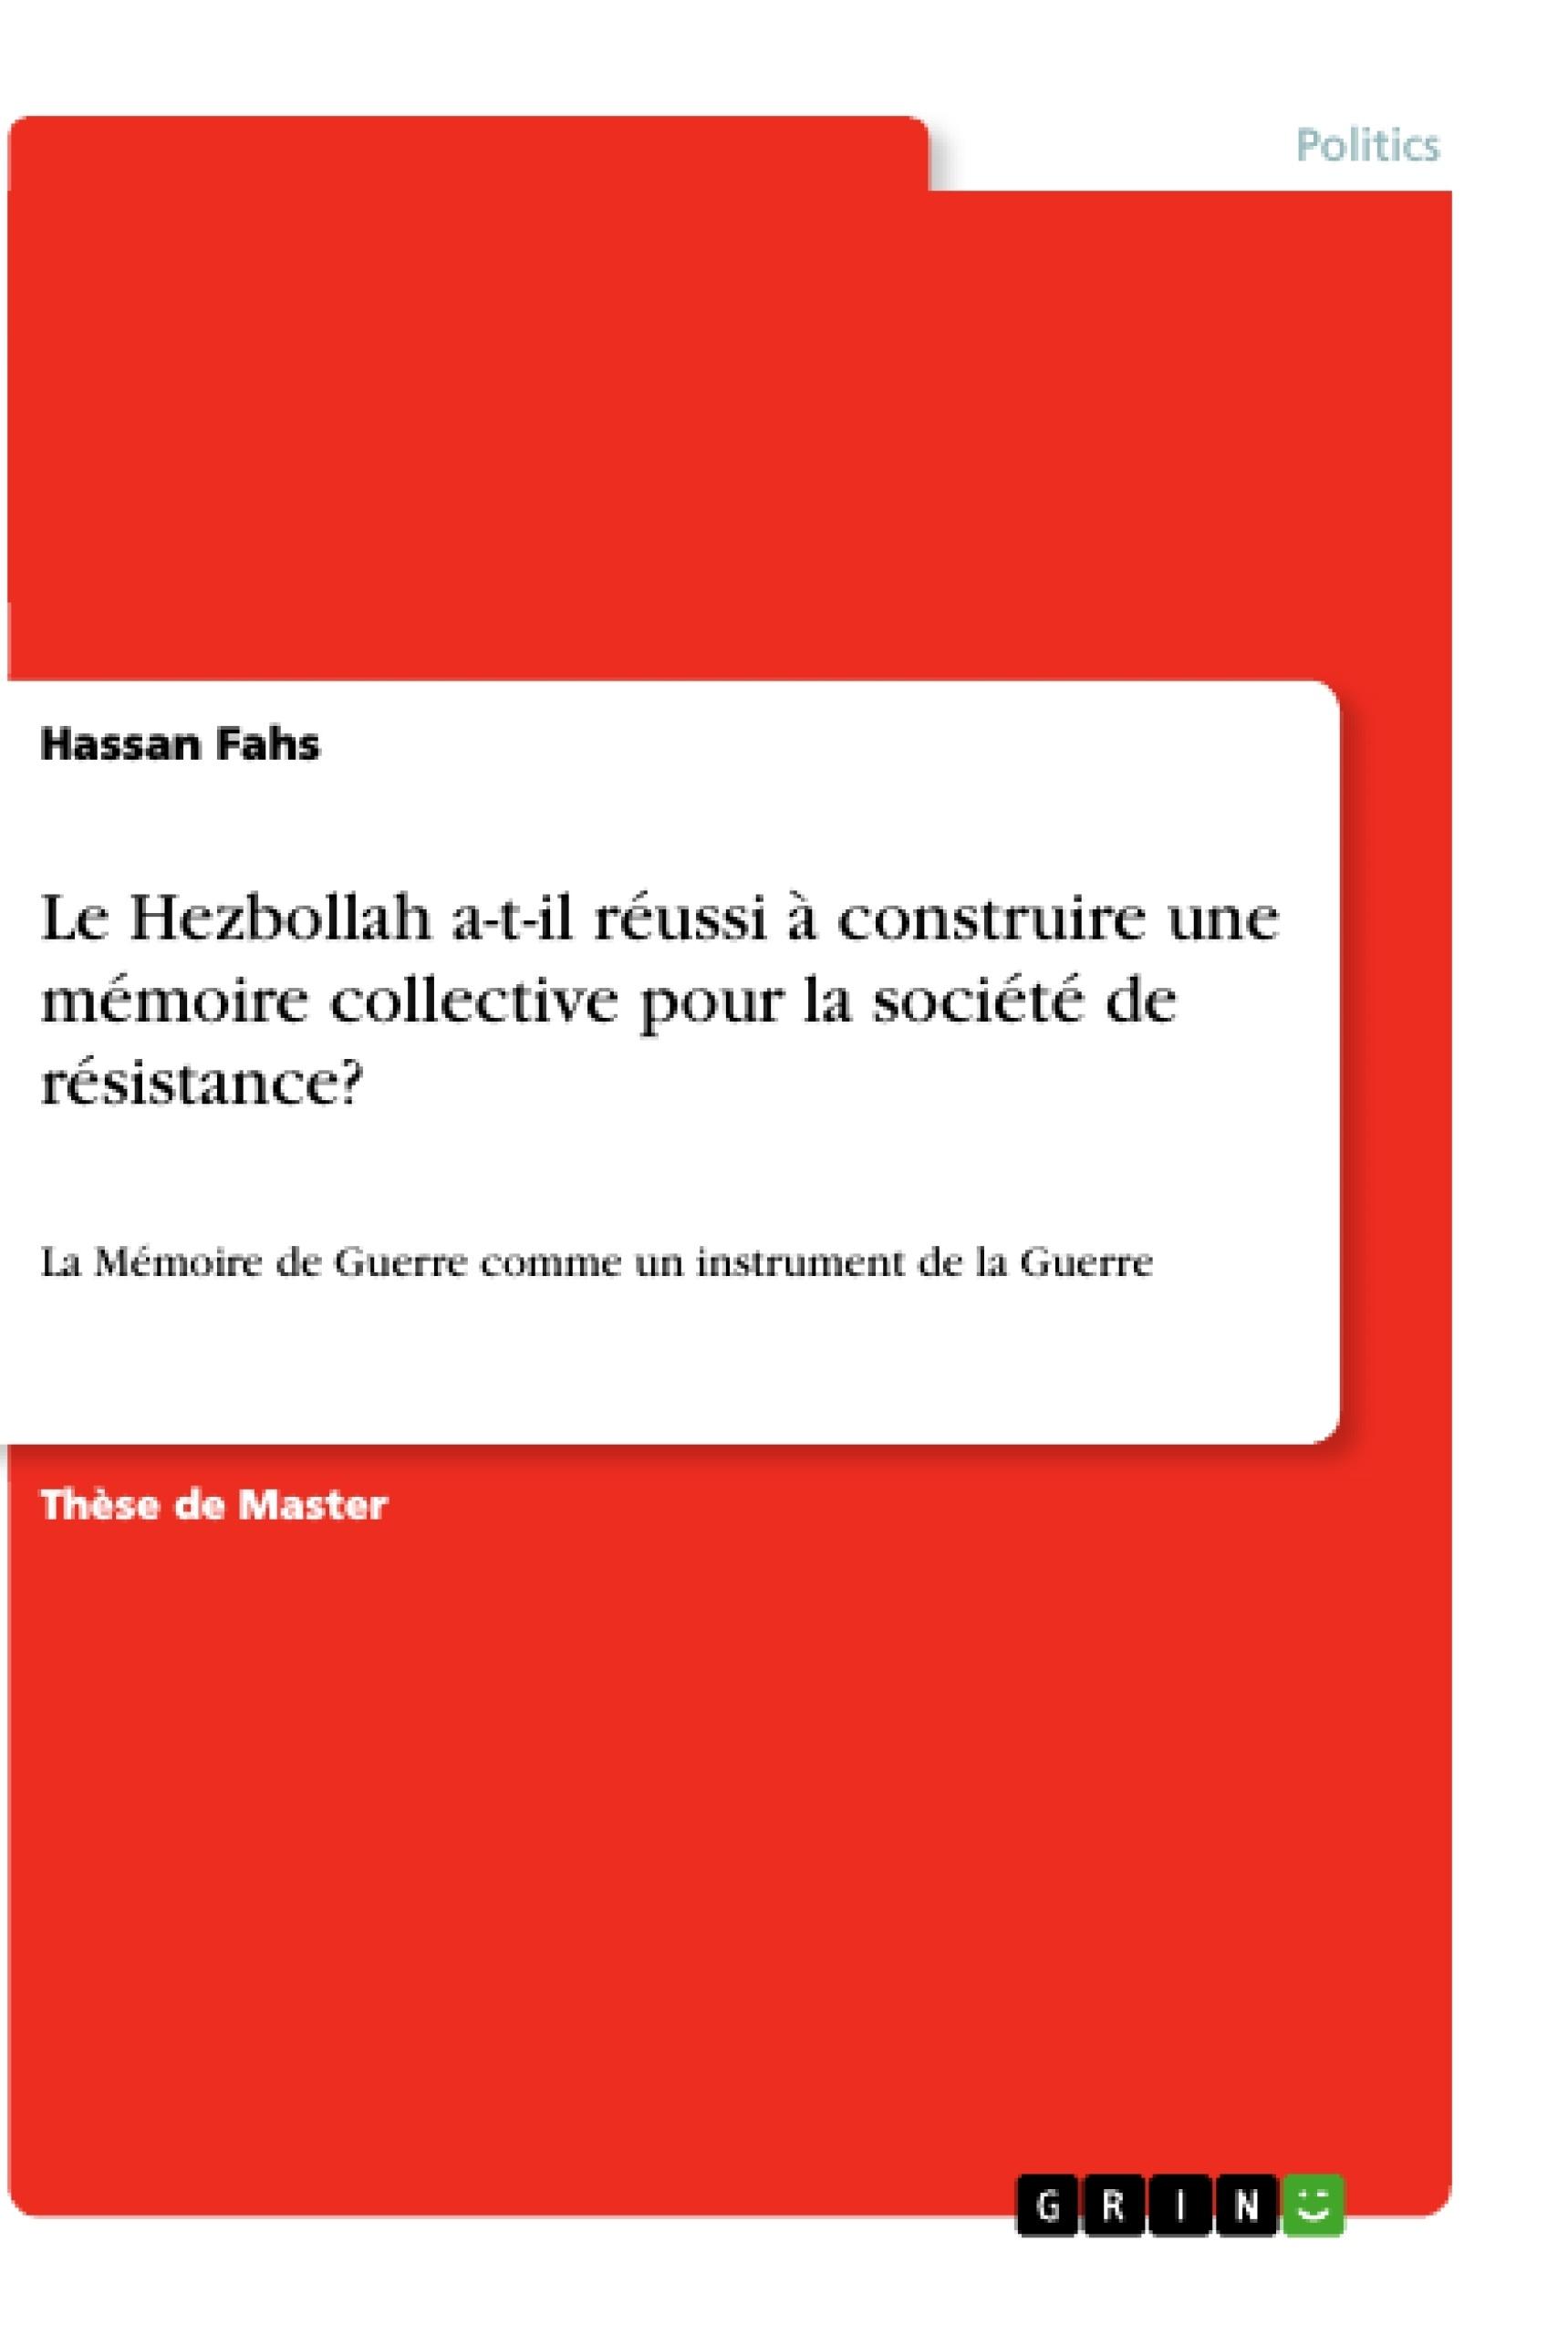 Titre: Le Hezbollah a-t-il réussi à construire une mémoire collective pour la société de résistance?